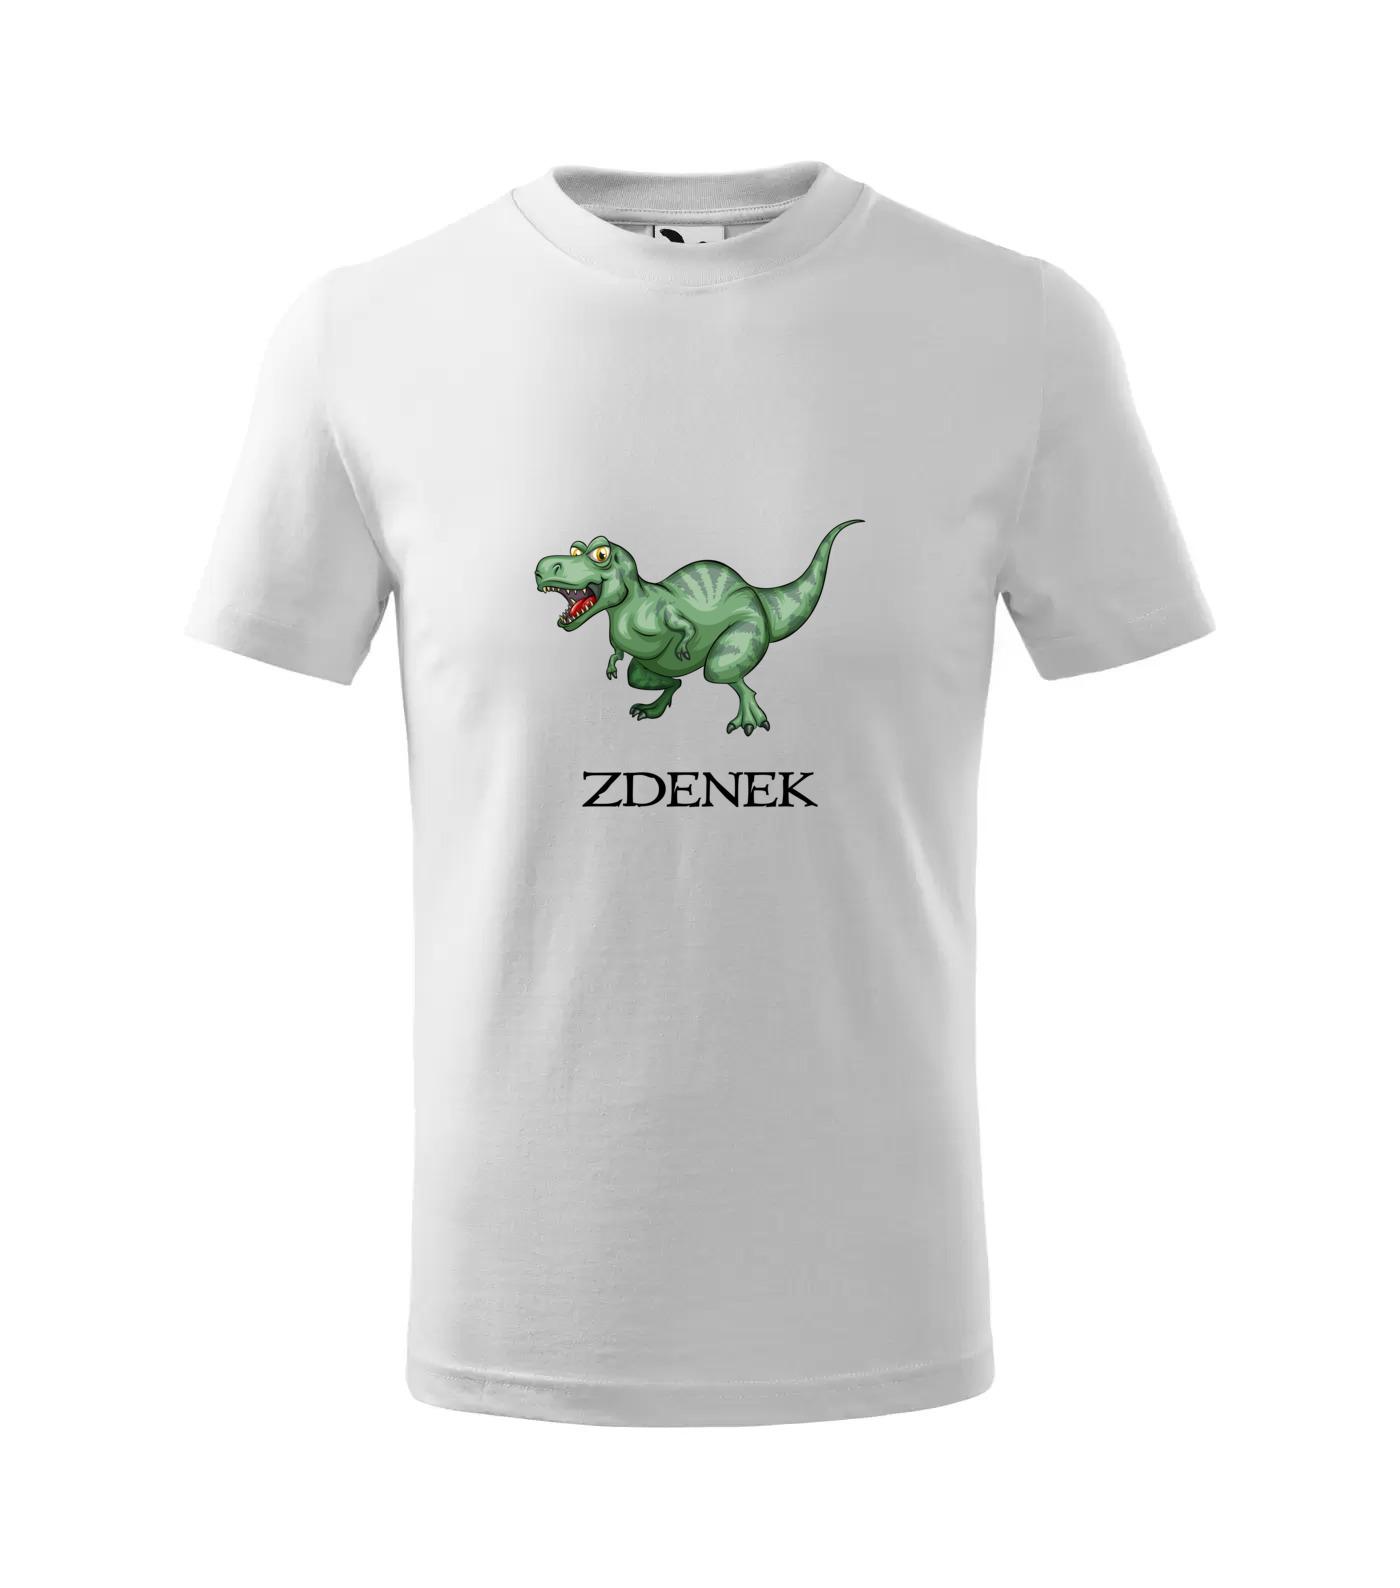 Tričko Dinosaurus Zdenek